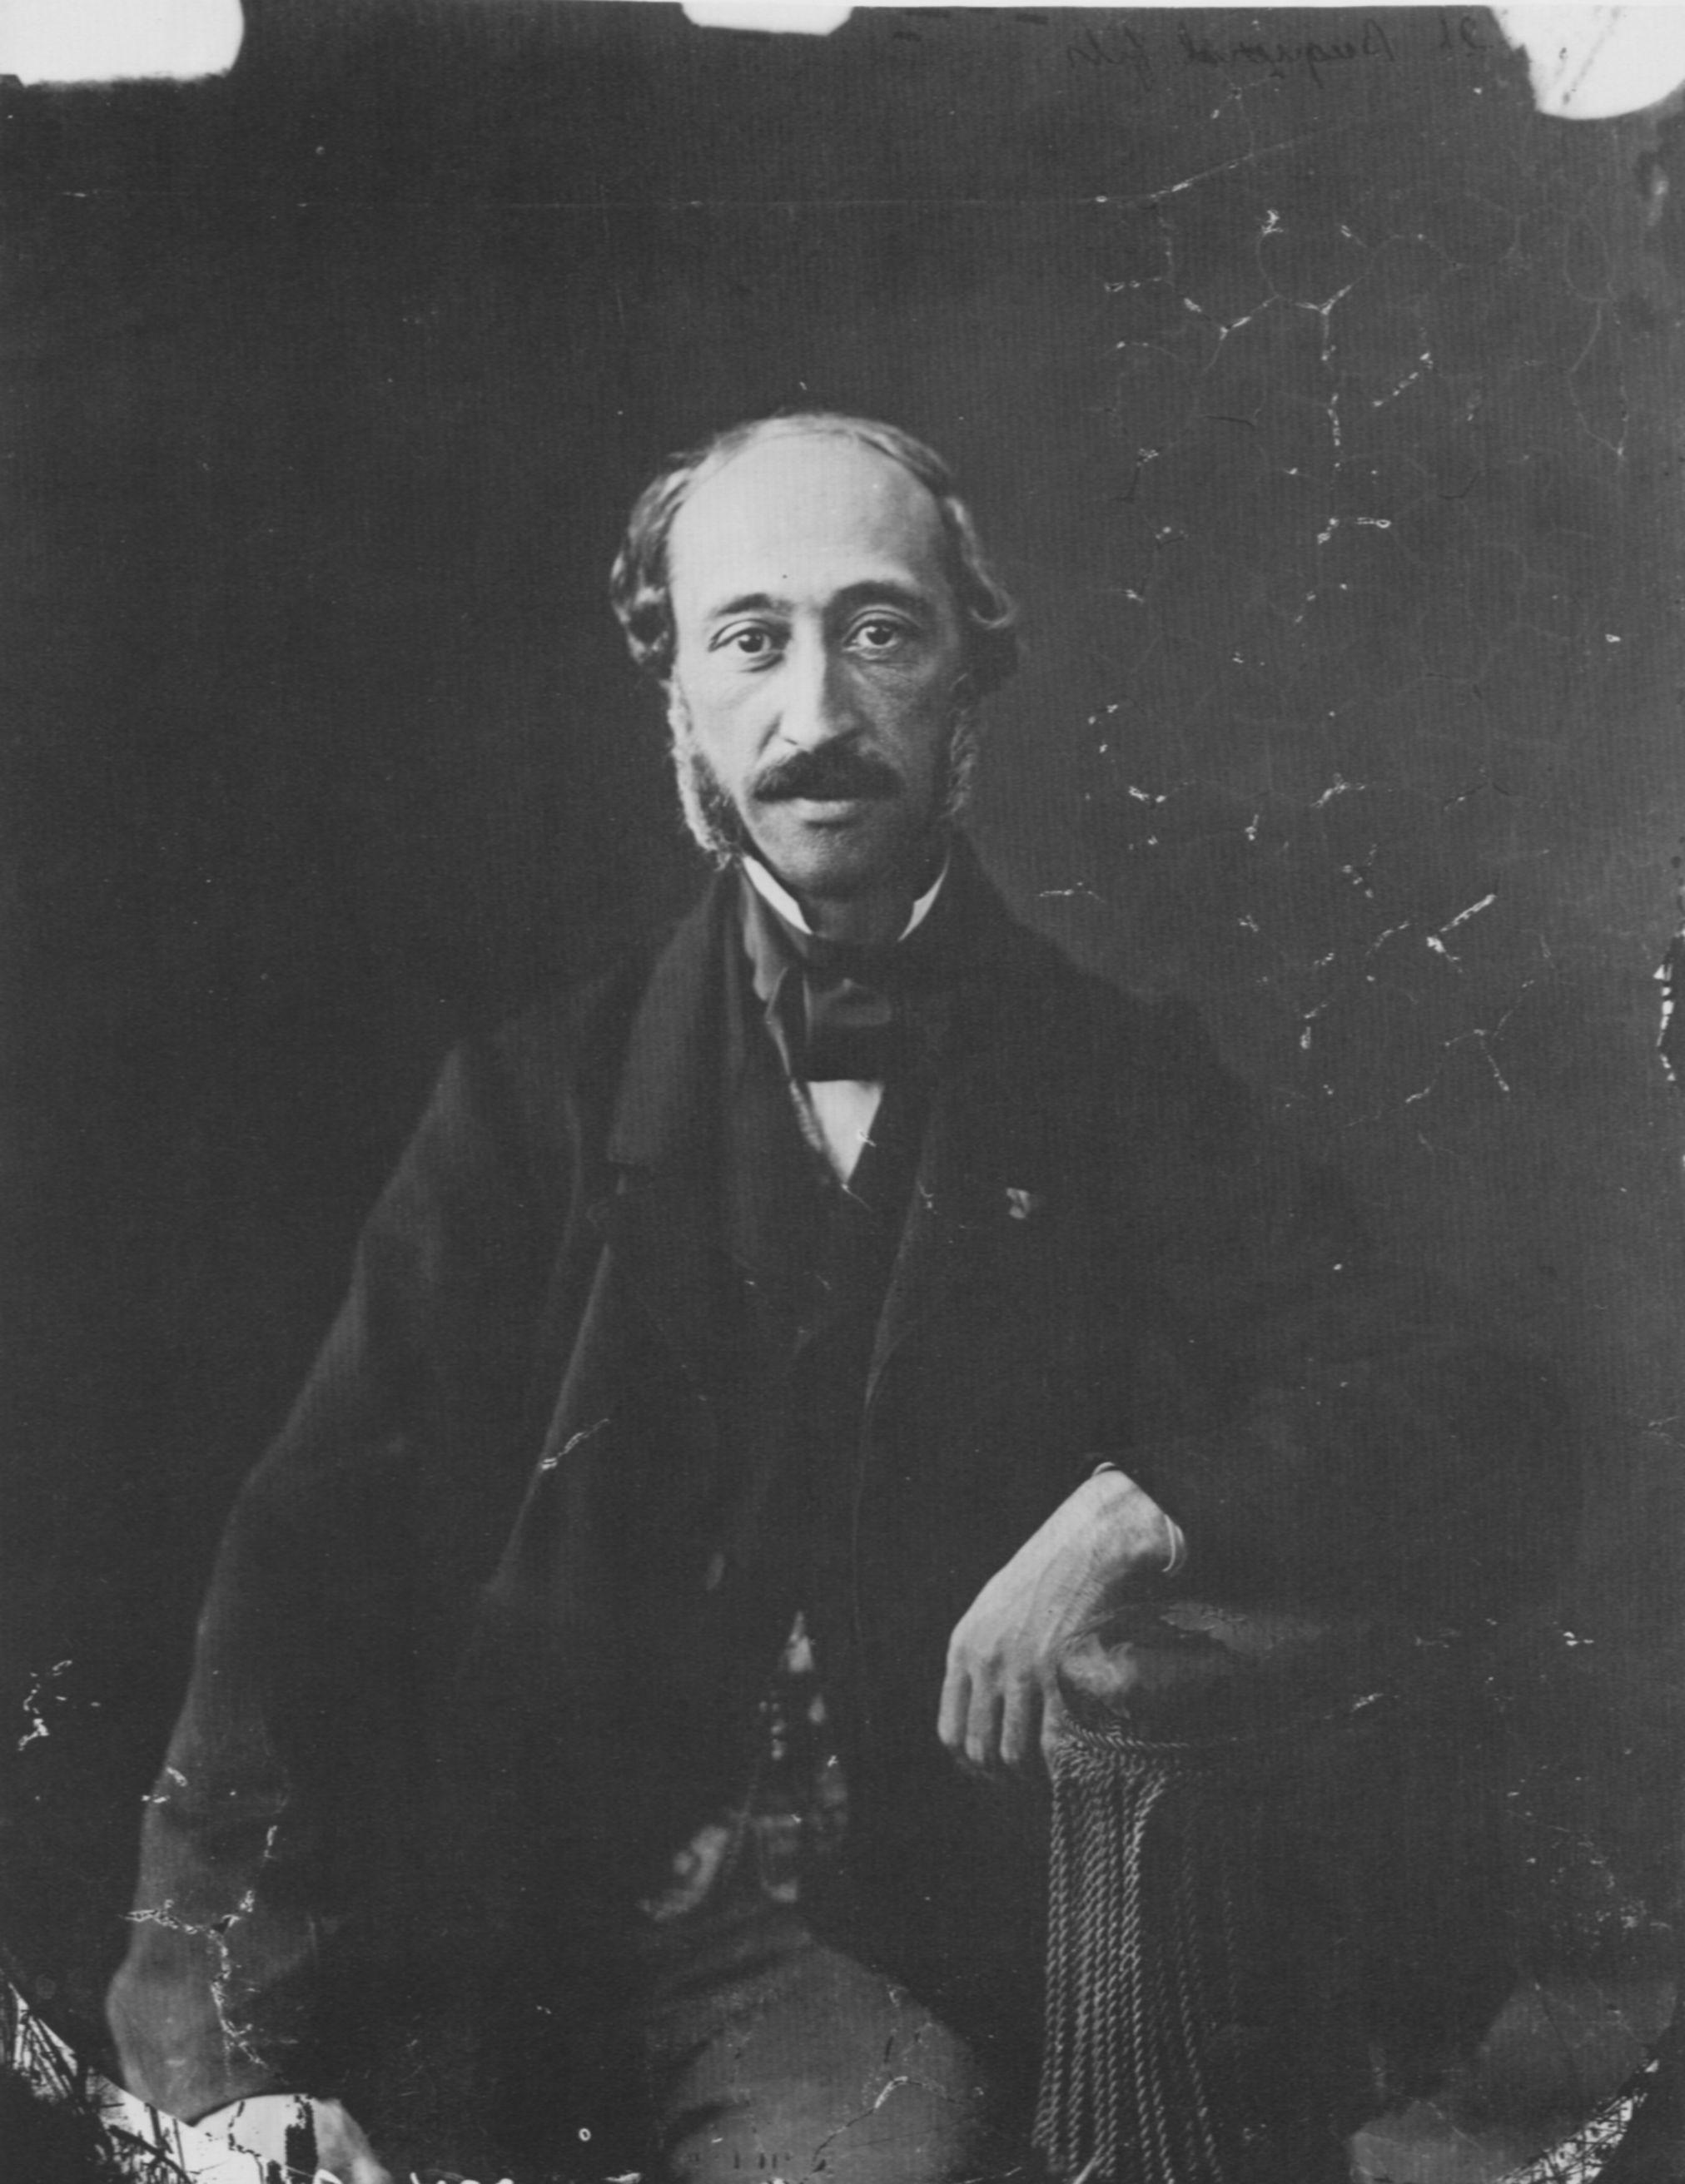 Image of Alexandre-Edmond Becquerel from Wikidata